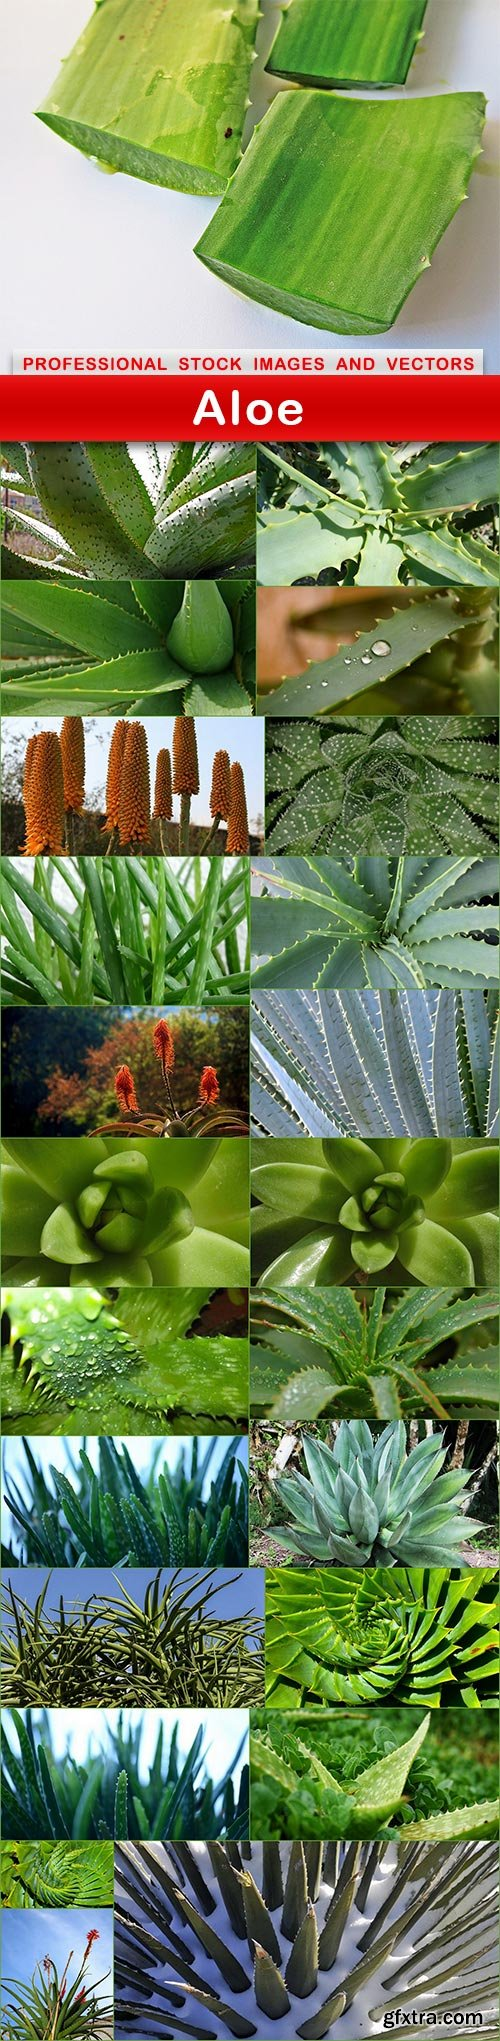 Aloe - 24 UHQ JPEG